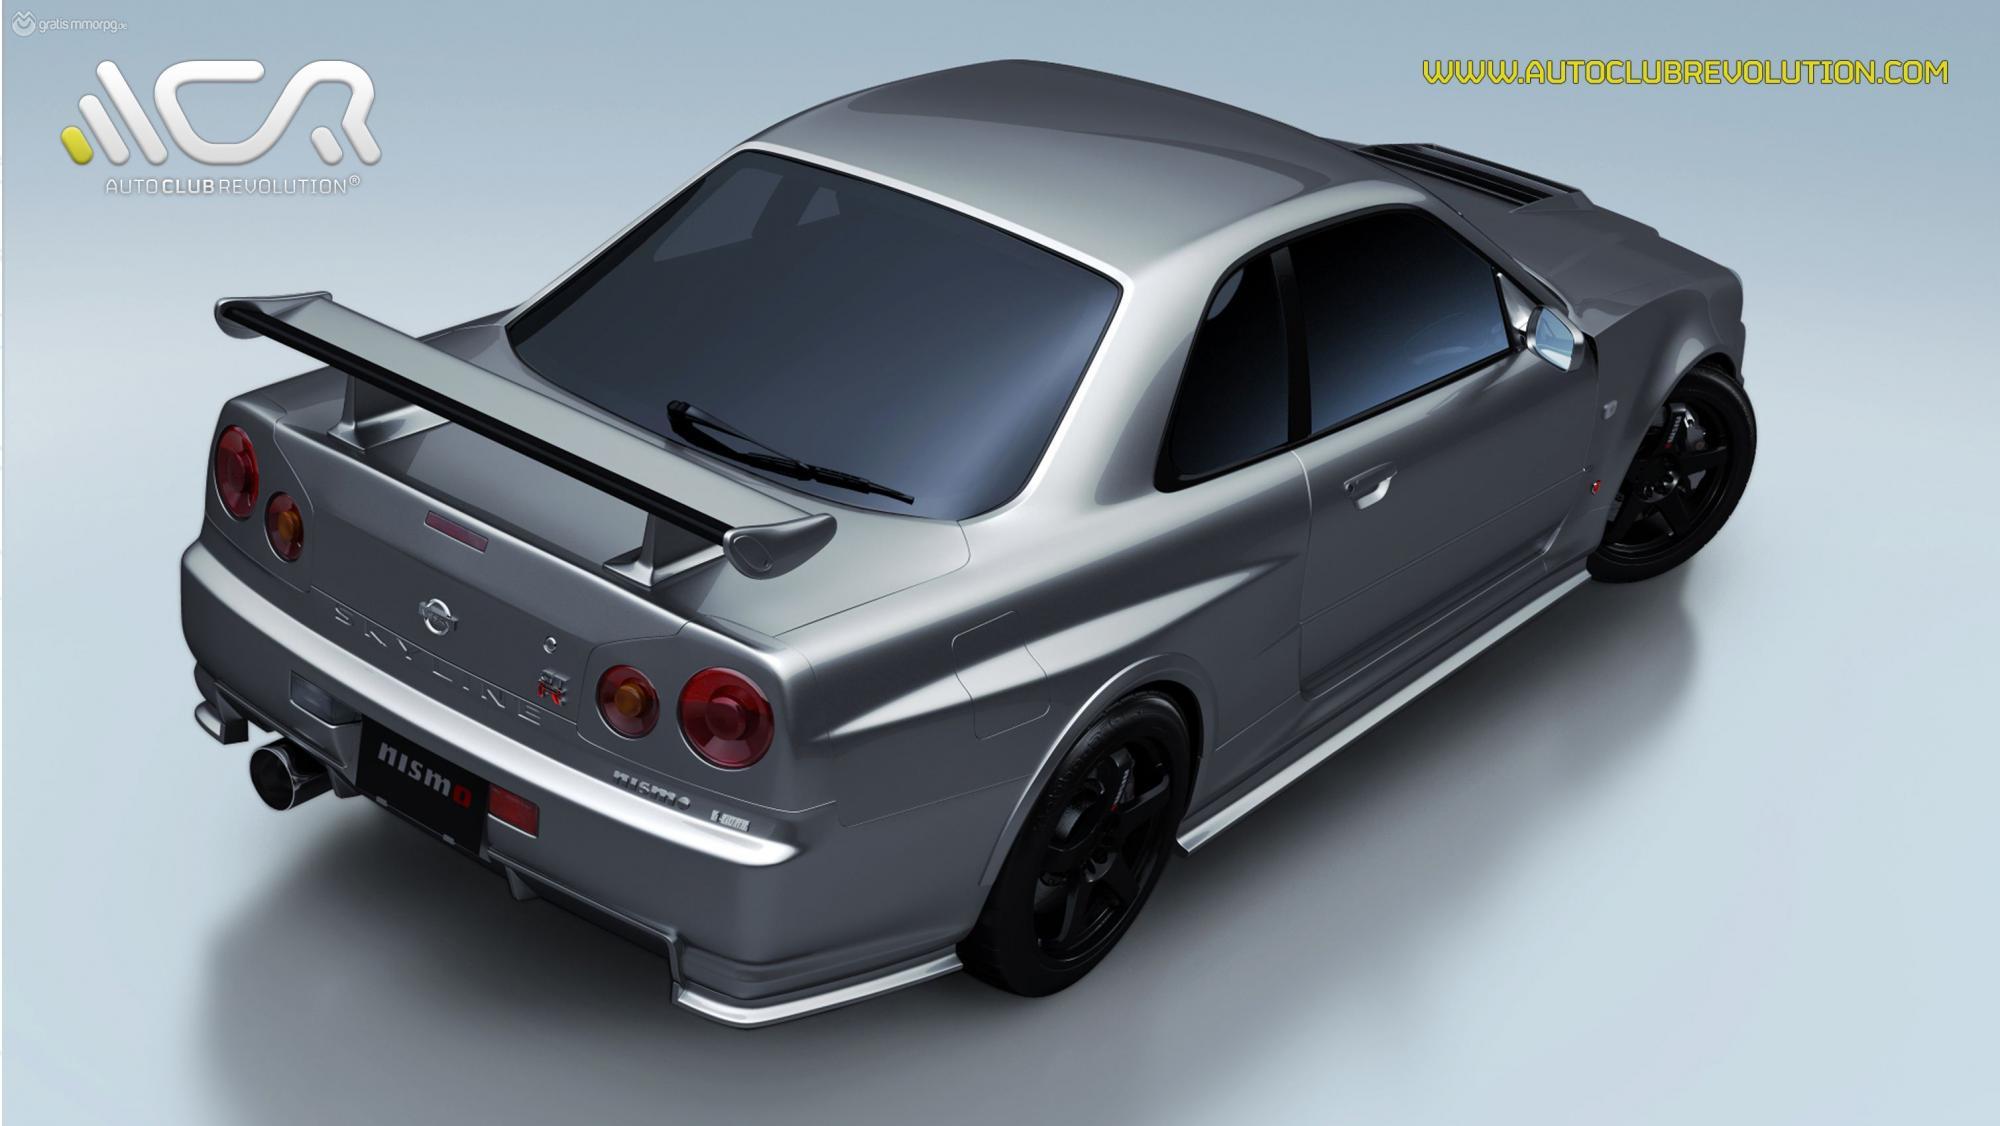 Klicke auf die Grafik für eine größere AnsichtName:ACR - Nissan Skyline R34.jpgHits:69Größe:135,6 KBID:5855